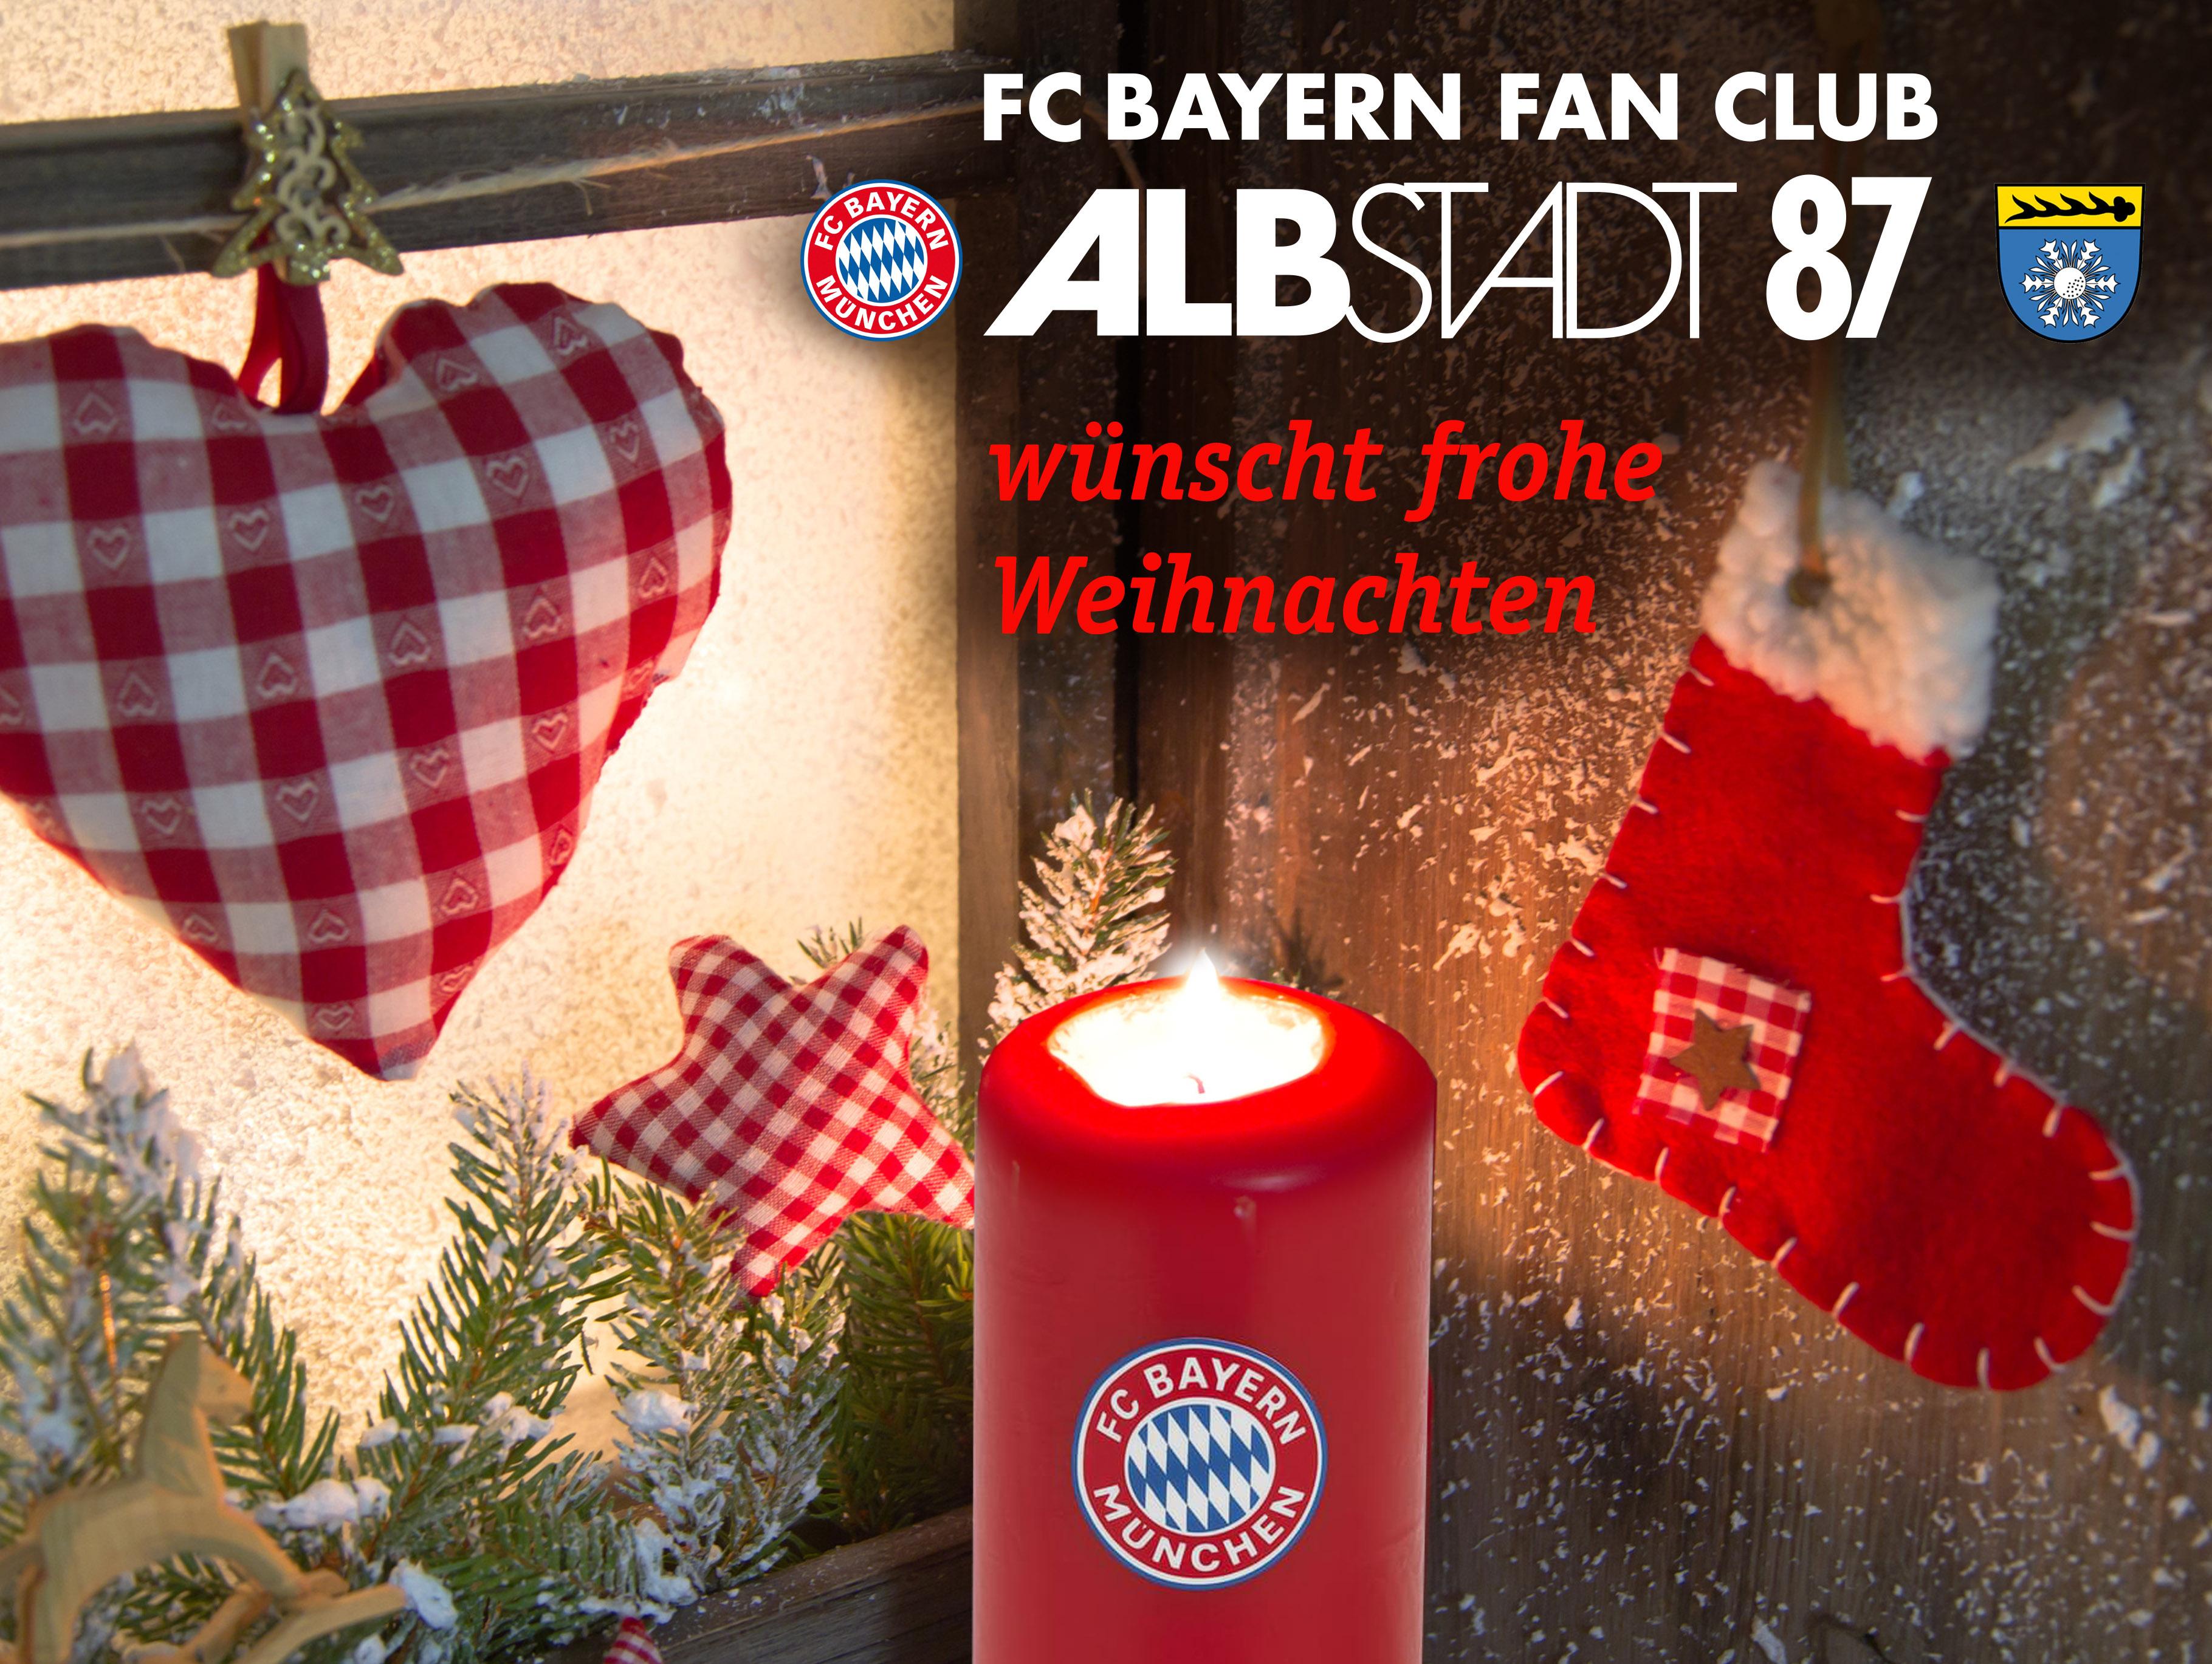 Fc Bayern Wünscht Frohe Weihnachten.Frohe Weihnachten 2018